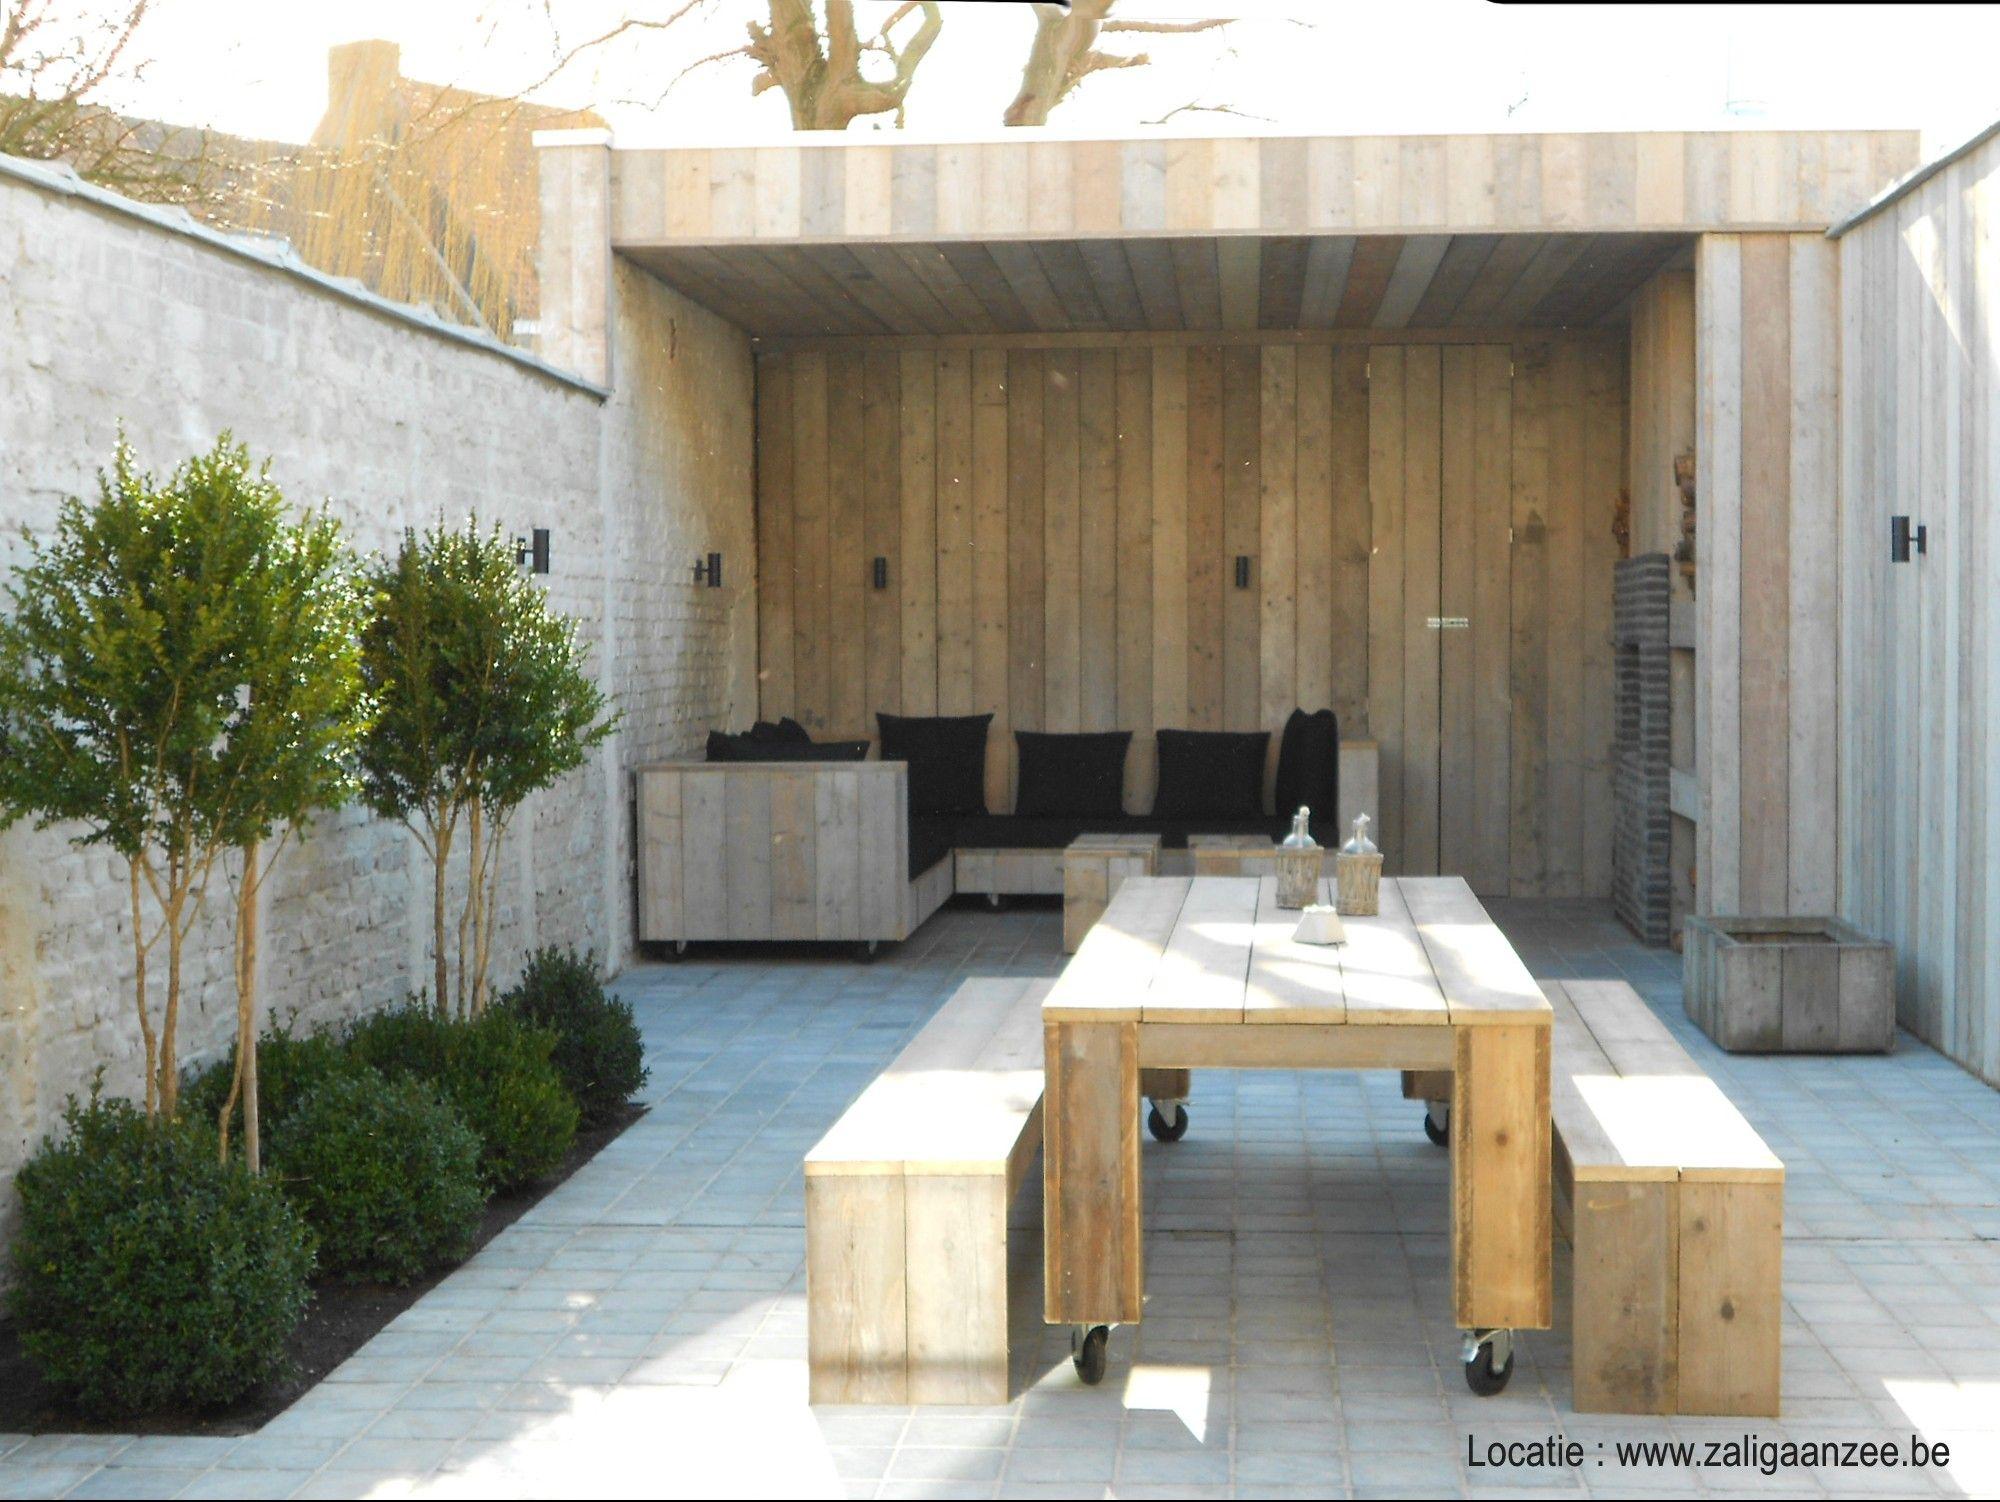 Buitenhaard De Tuin : Heerlijk lounge tuin vlakbij zee met buitenhaard en grote loungehoek